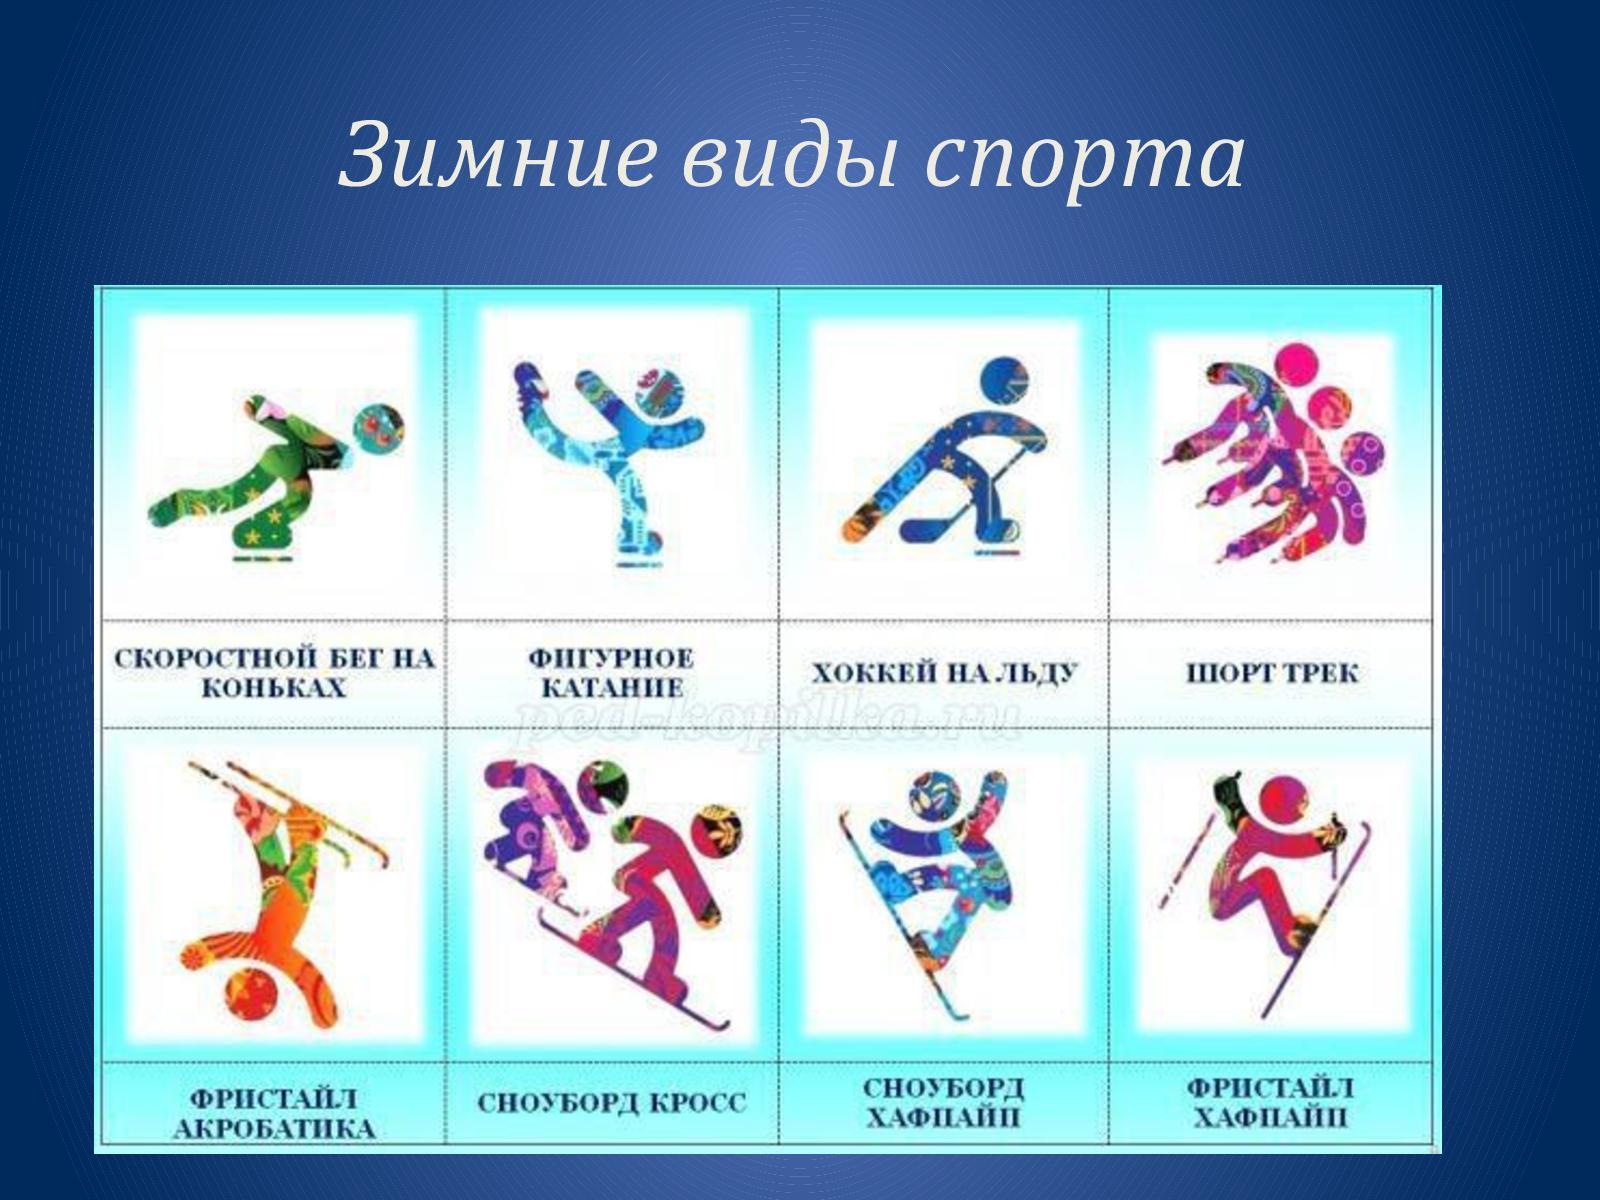 картинки на тему зимние виды спорта в средней группе они, большие